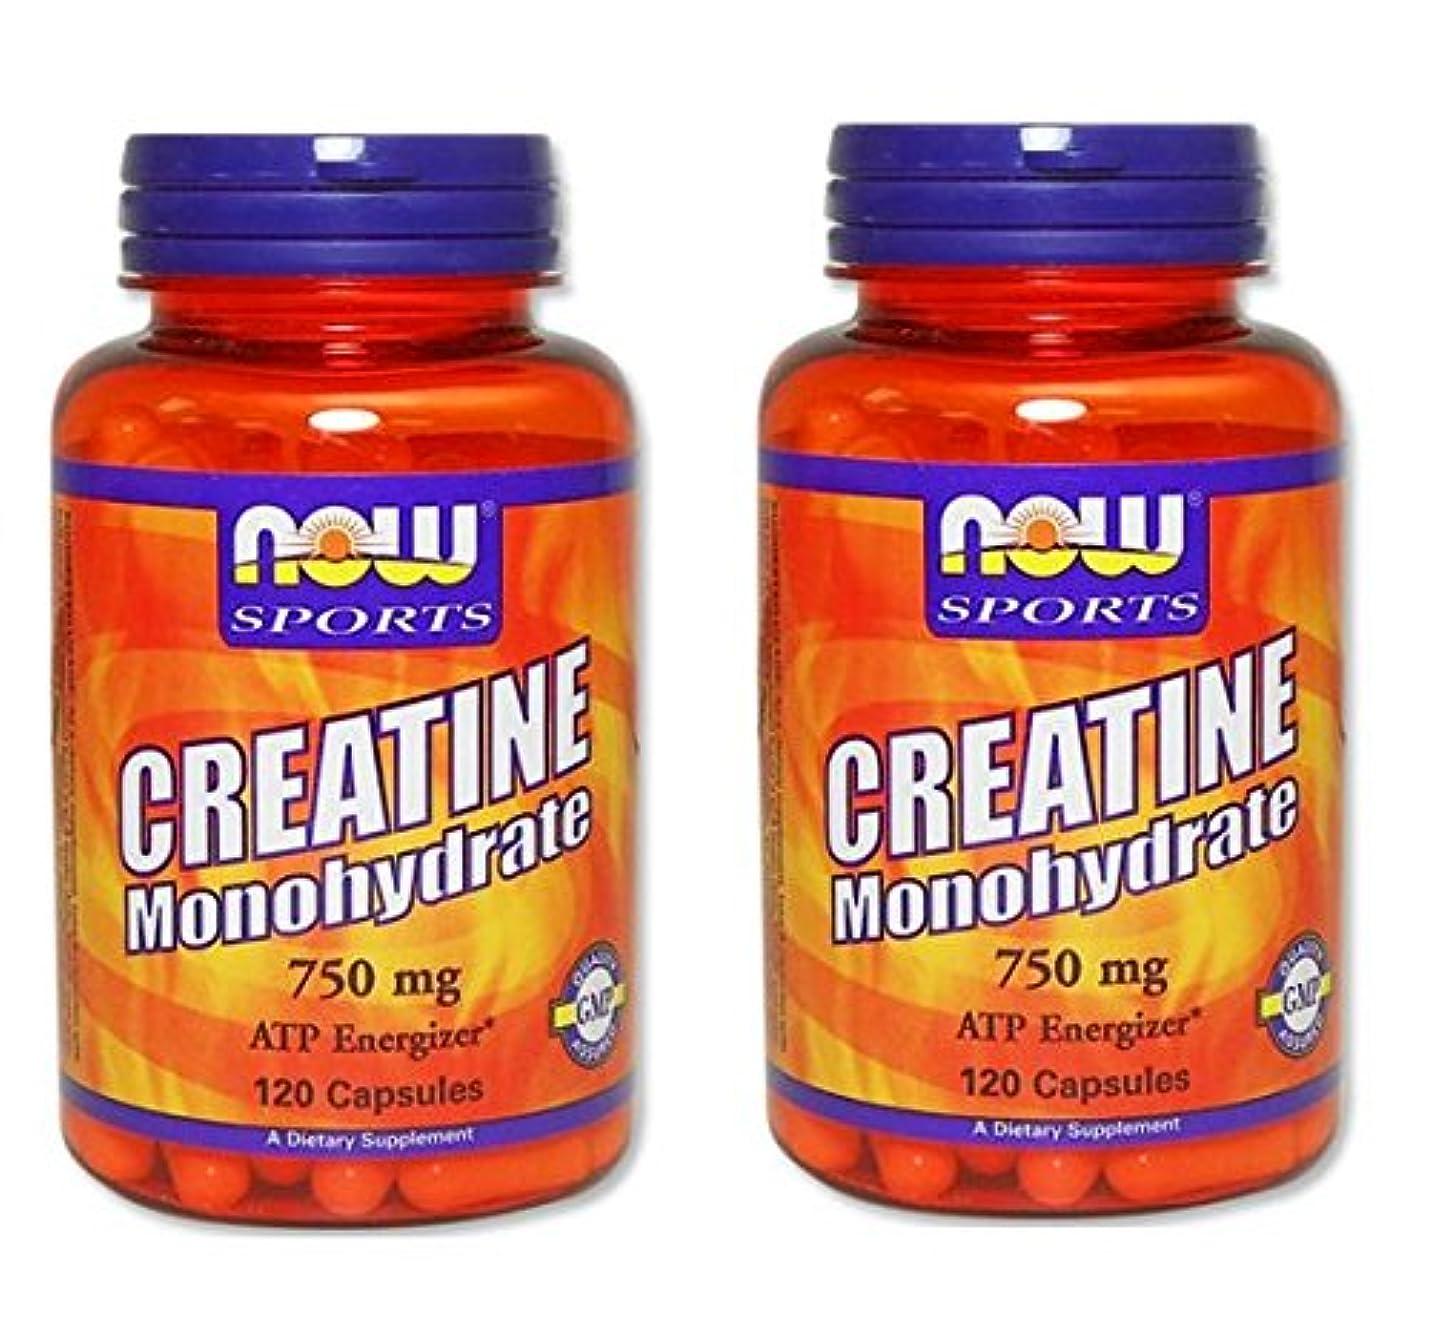 風が強いクラフト裁定2本セット 海外直送品 Now Foods Creatine Monohydrate, 120 Caps 750 mg